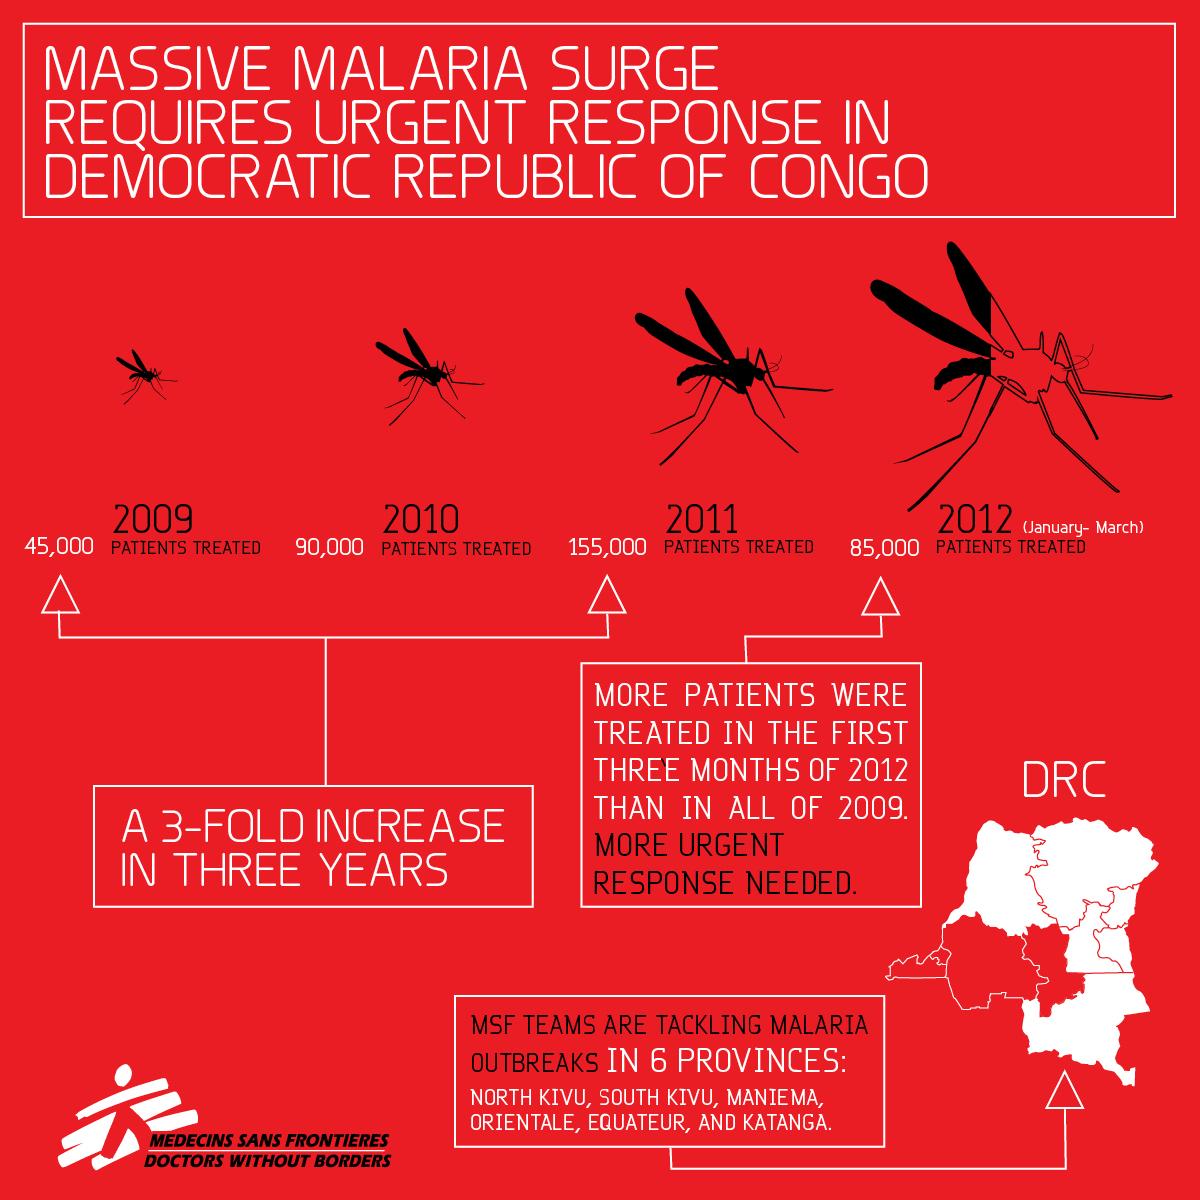 malaria-rates-in-the-democratic-republic-of-congo_50578ce224ff4